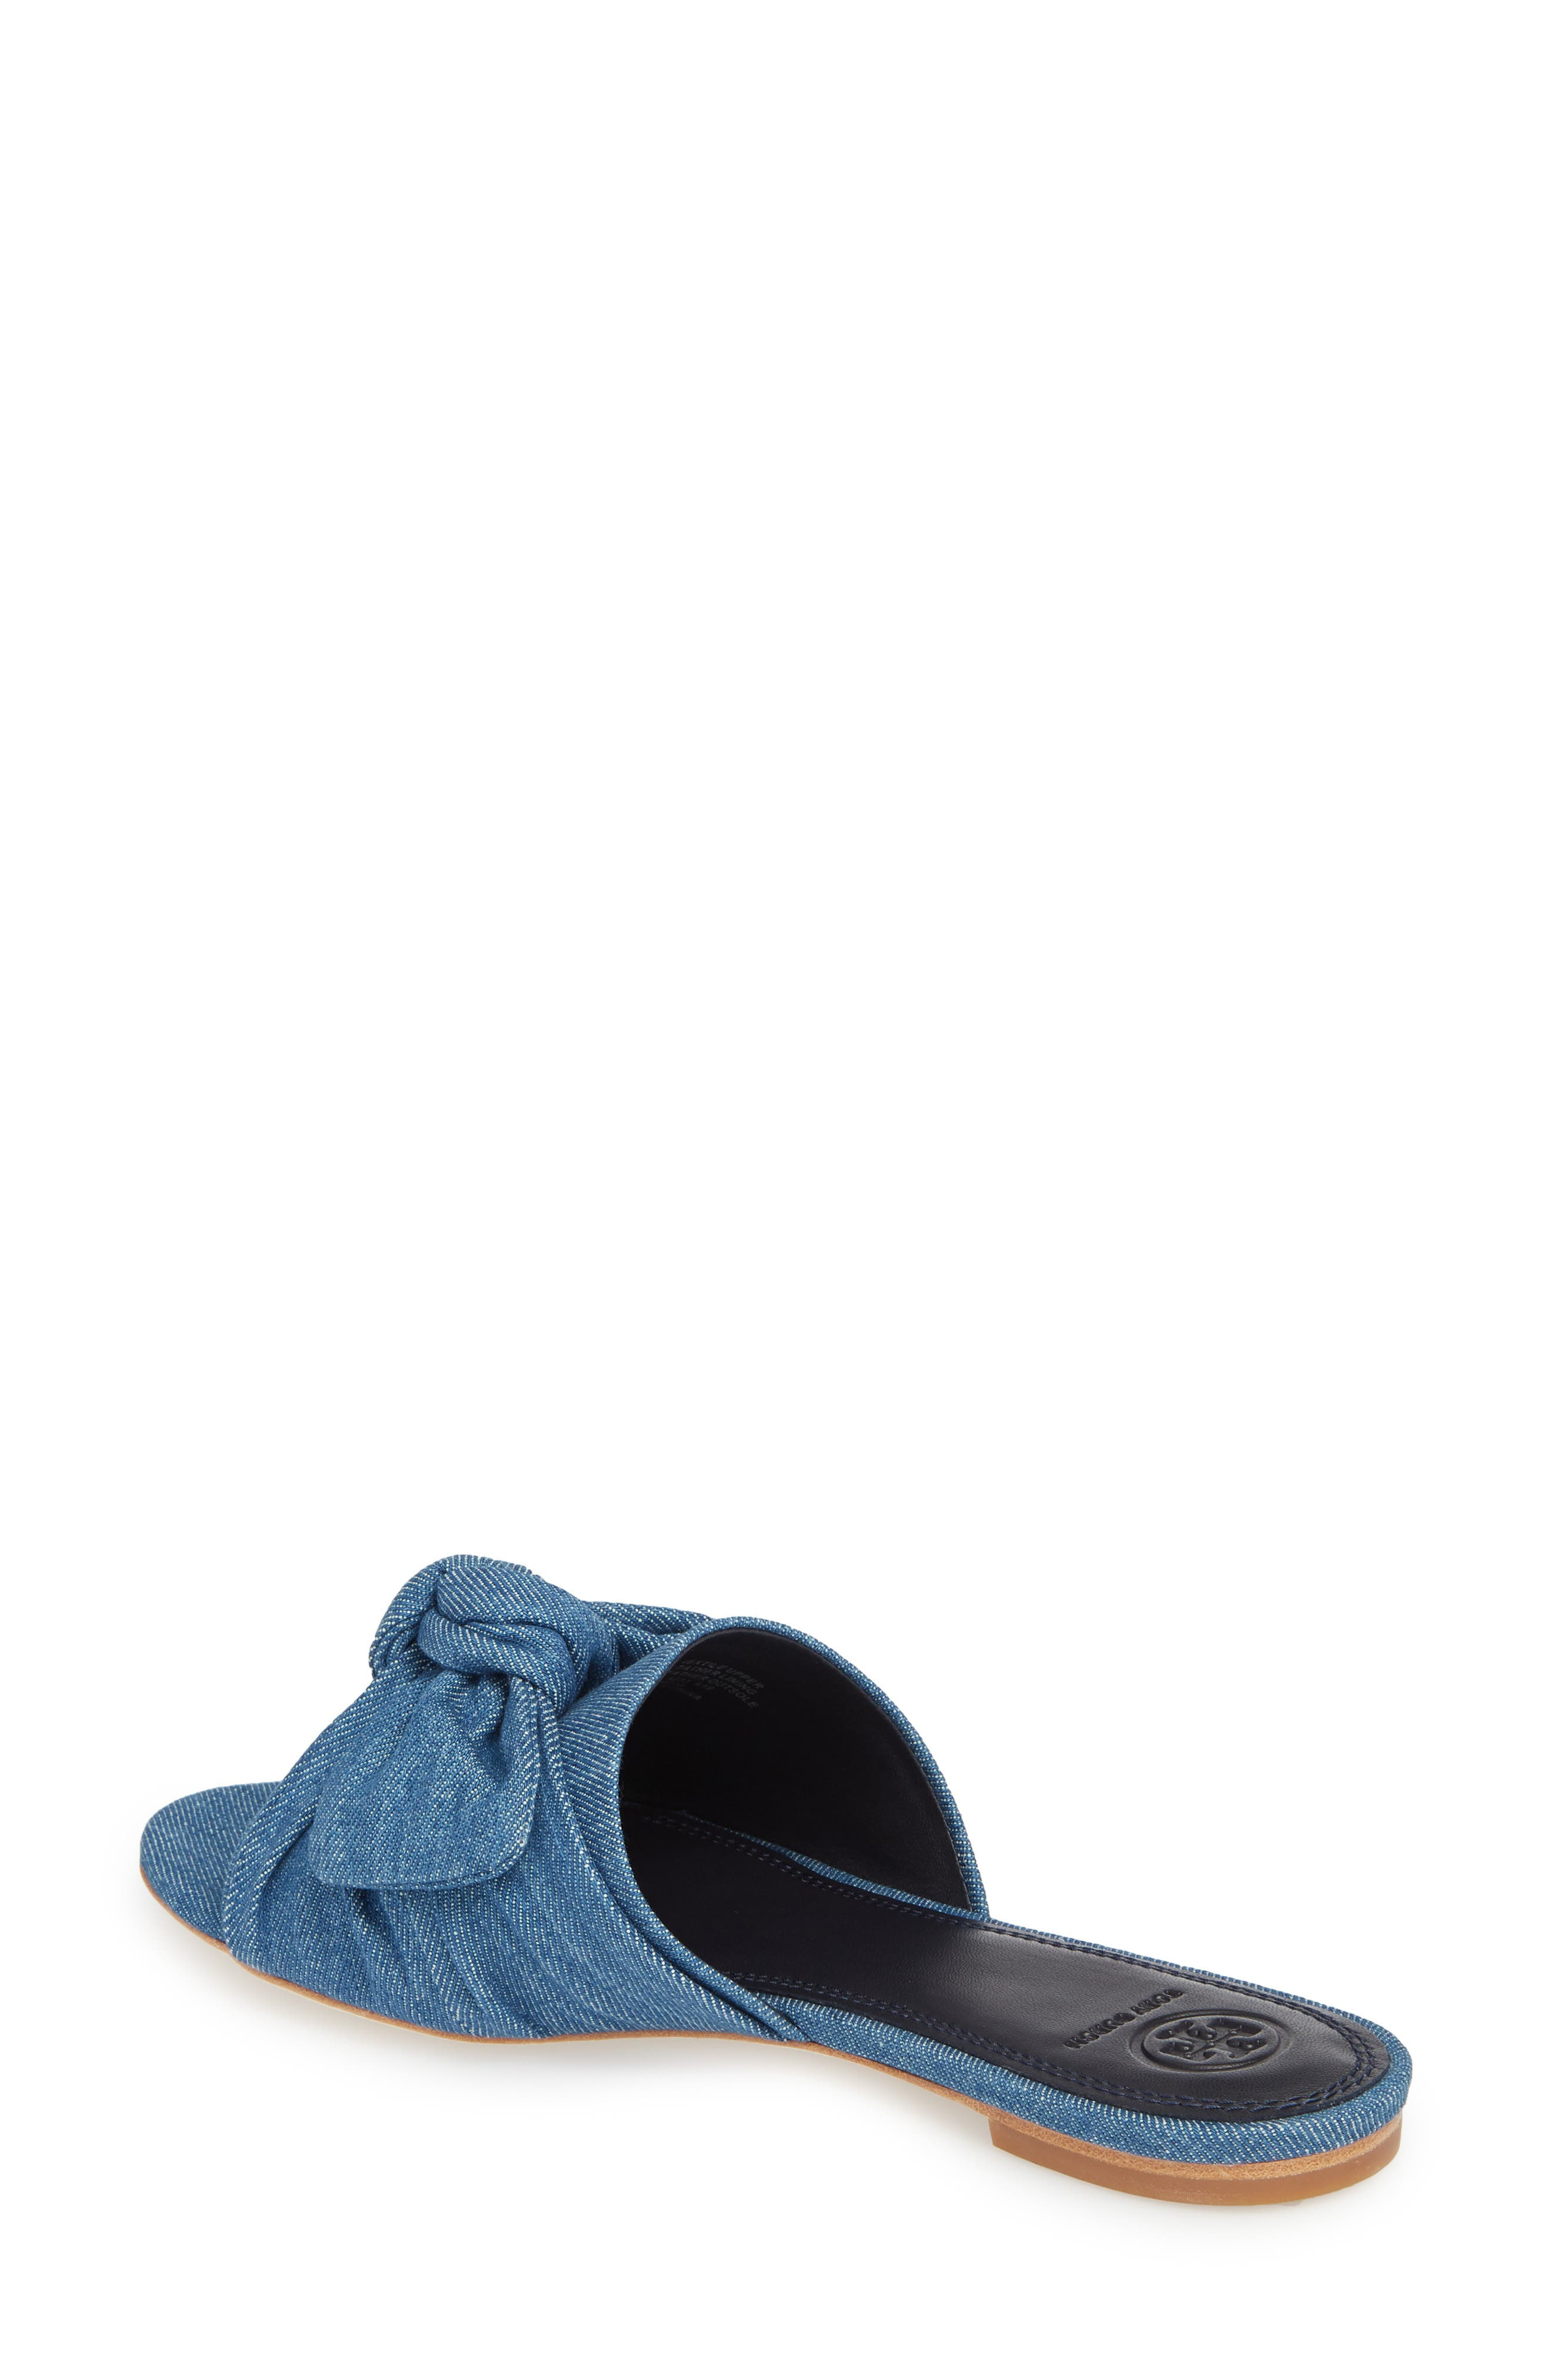 Annabelle Bow Slide Sandal,                             Alternate thumbnail 5, color,